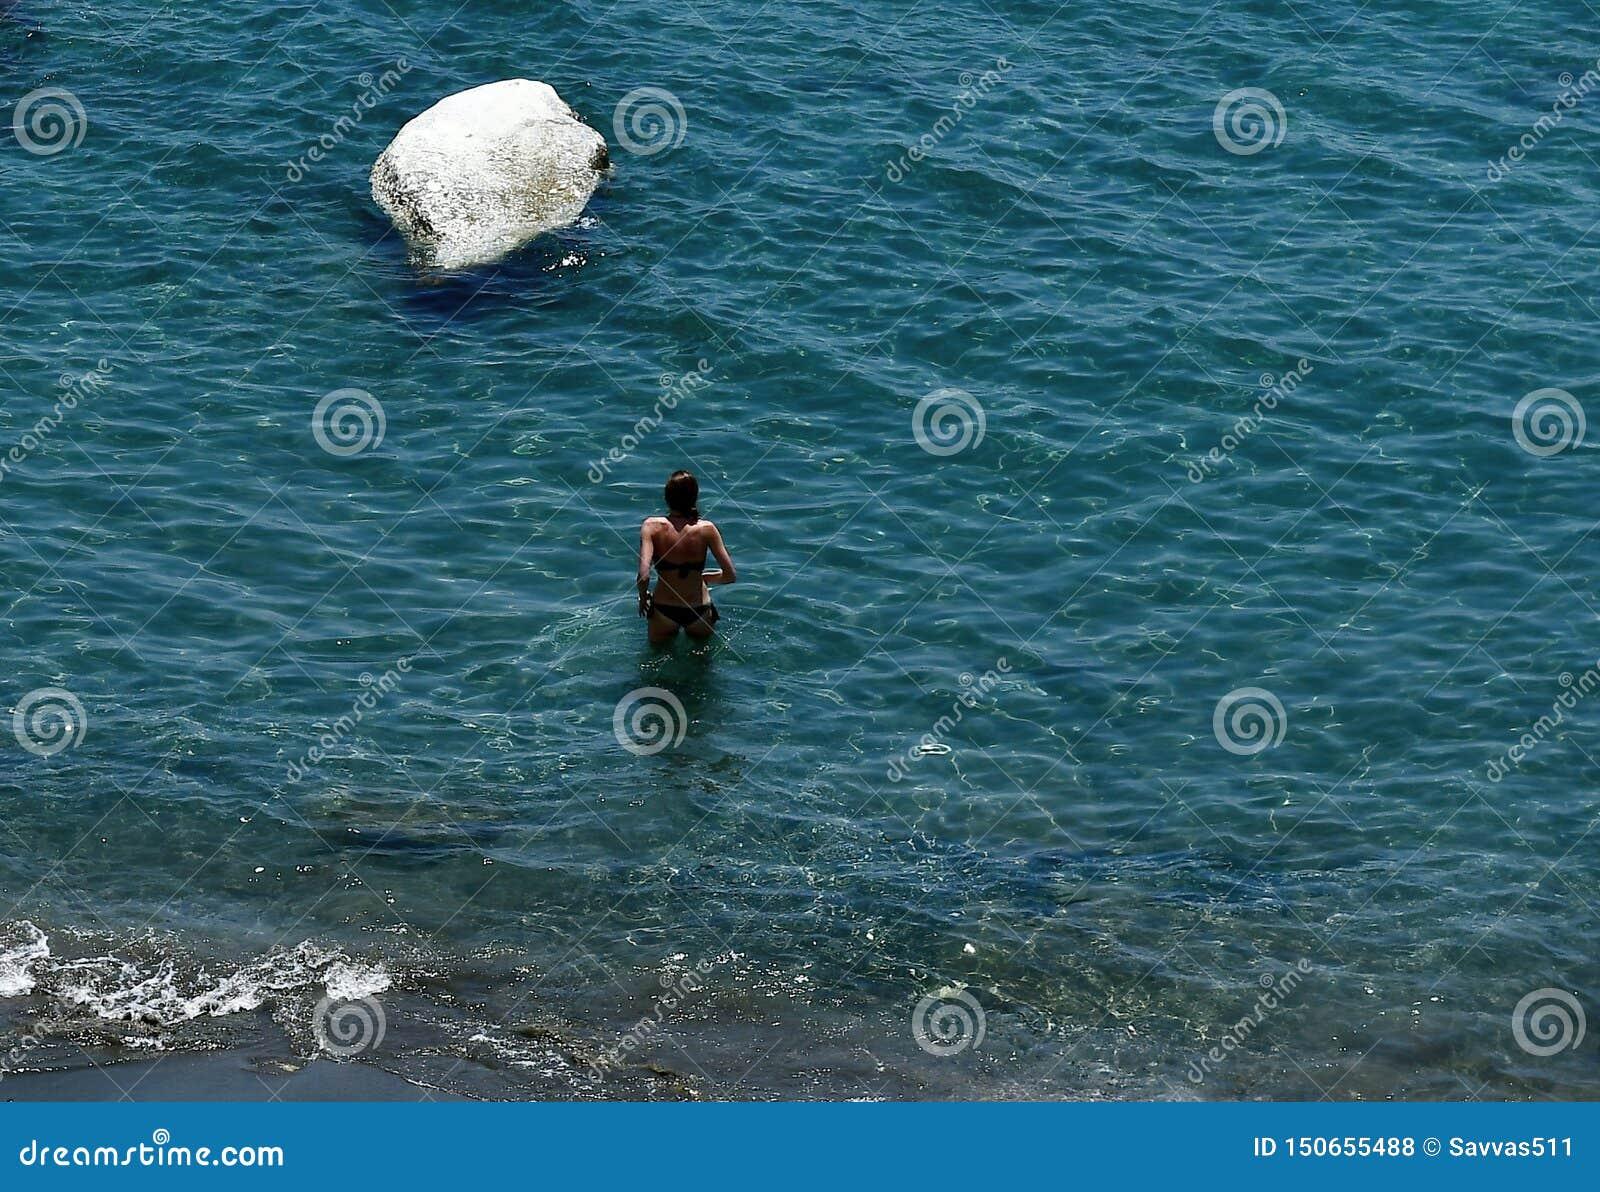 Natation dans les eaux en cristal de la plage de Governos en Chypre